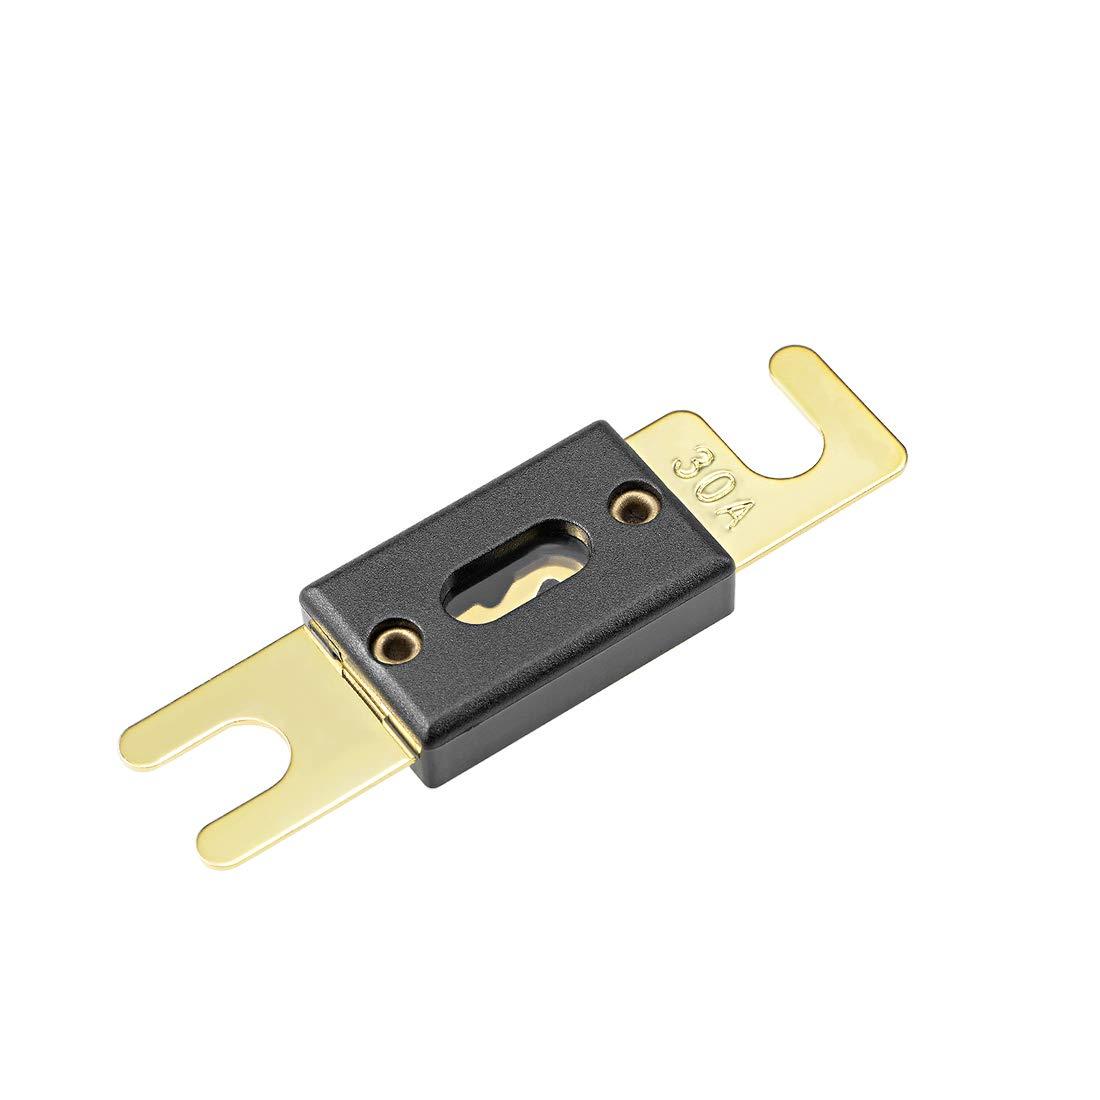 uxcell/® ANL Fuse 130 Amp DC 32 Volt for Automotive Car Vehicle Audio Amplifier Inverter Replacement 5pcs